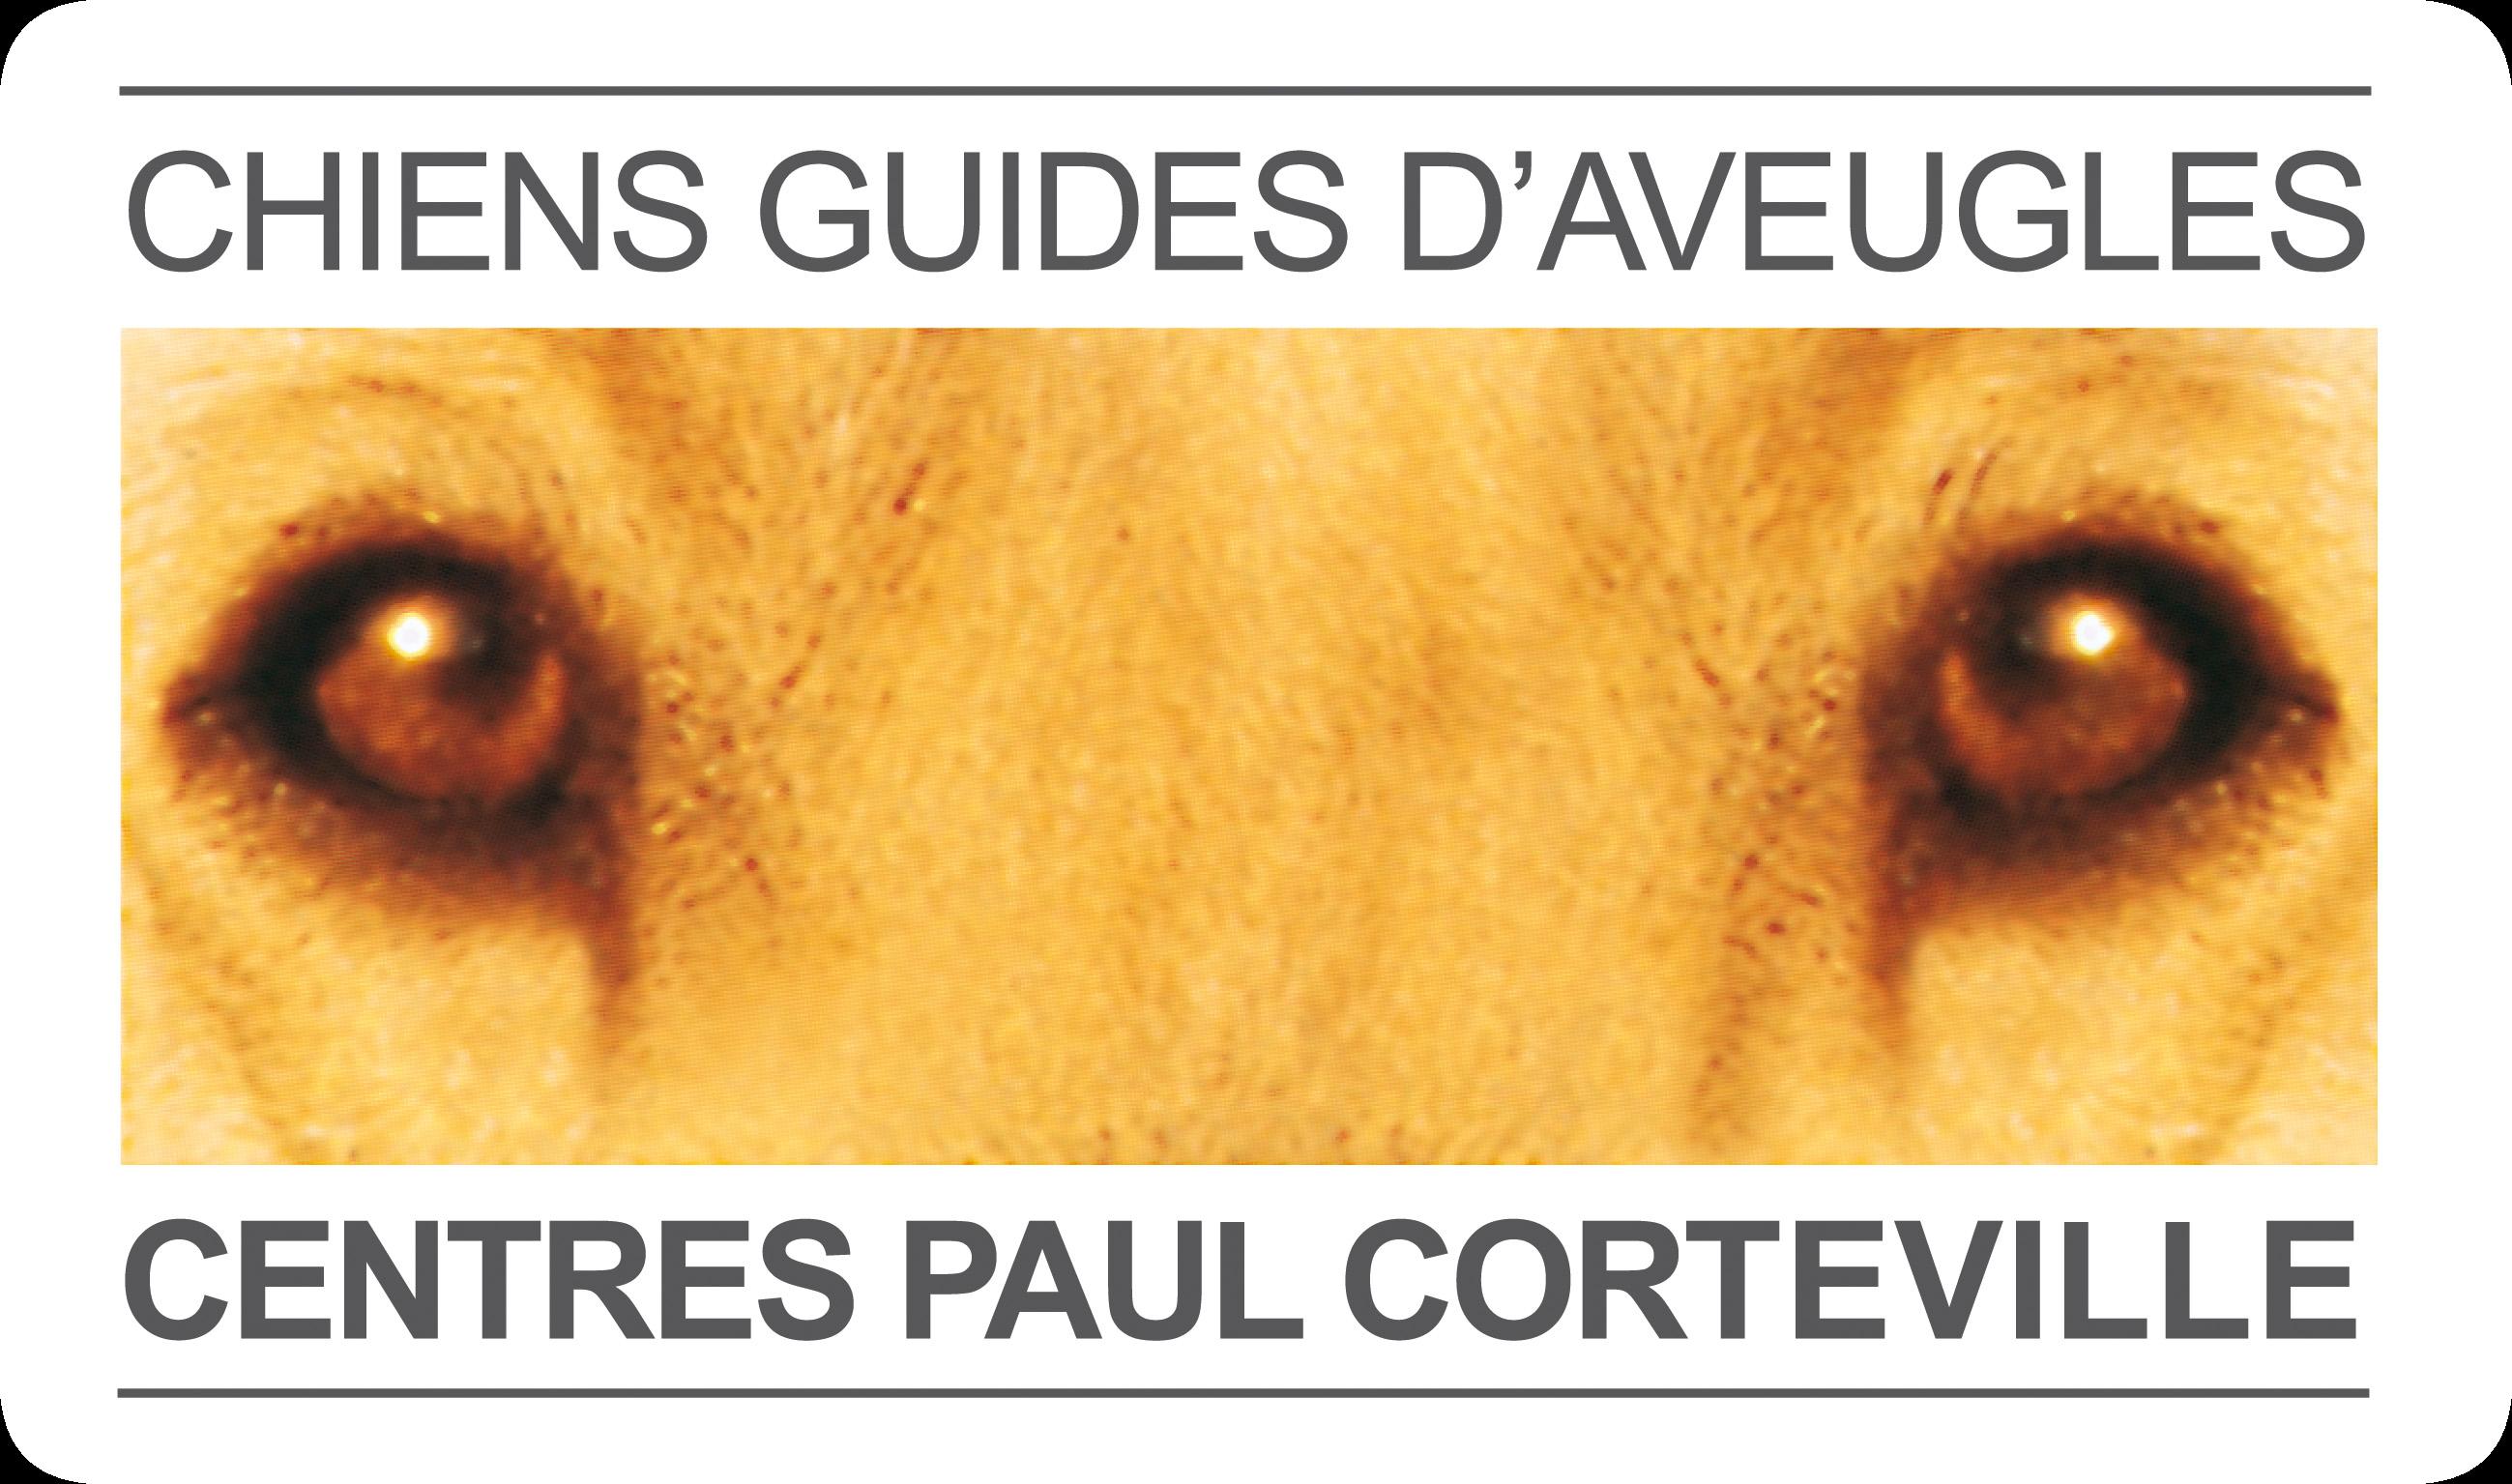 LES CHIENS GUIDES DU NORD - CENTRES PAUL CORTEVILLE